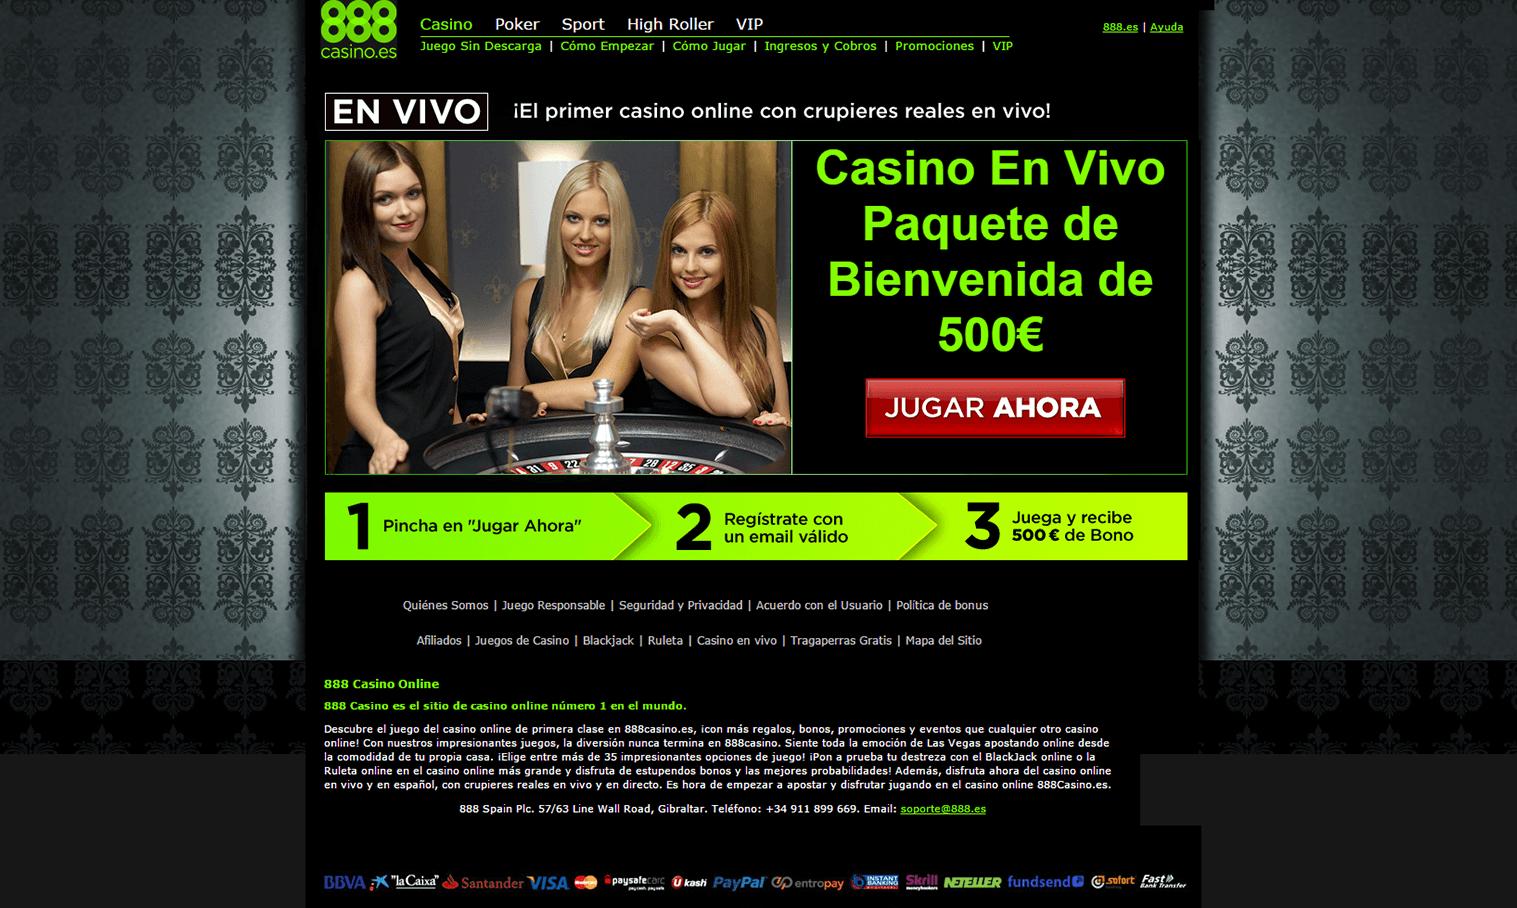 Promociones para jugadores latinos el mejor casino-719324